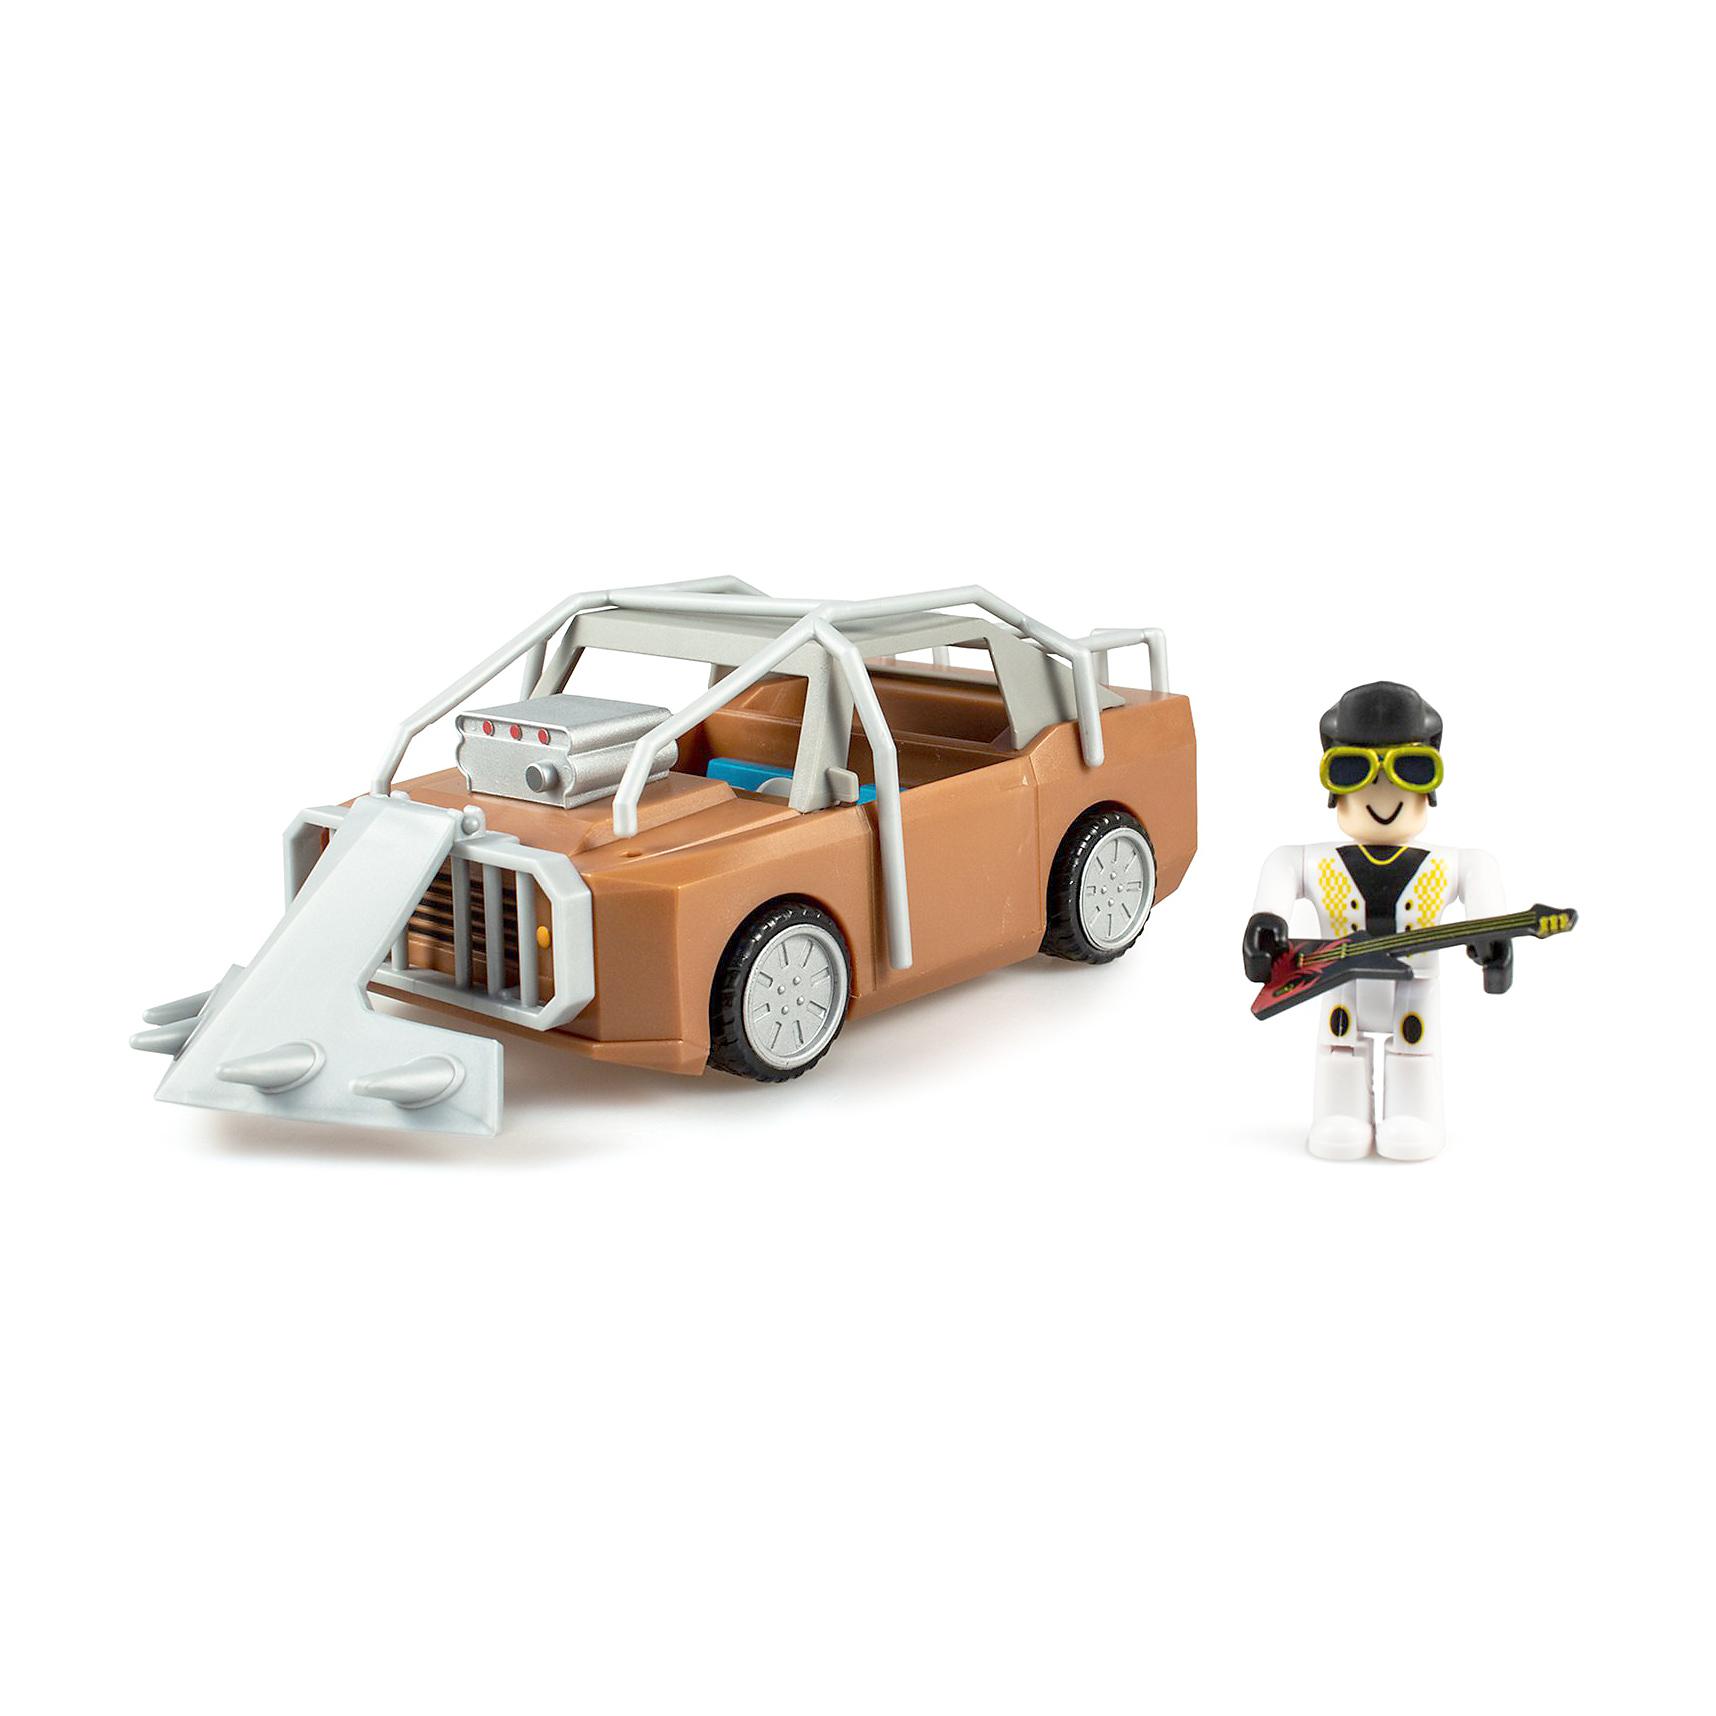 Фото - Набор игровой Roblox Большой транспорт: Абоминатор набор фигурок roblox fashion famous